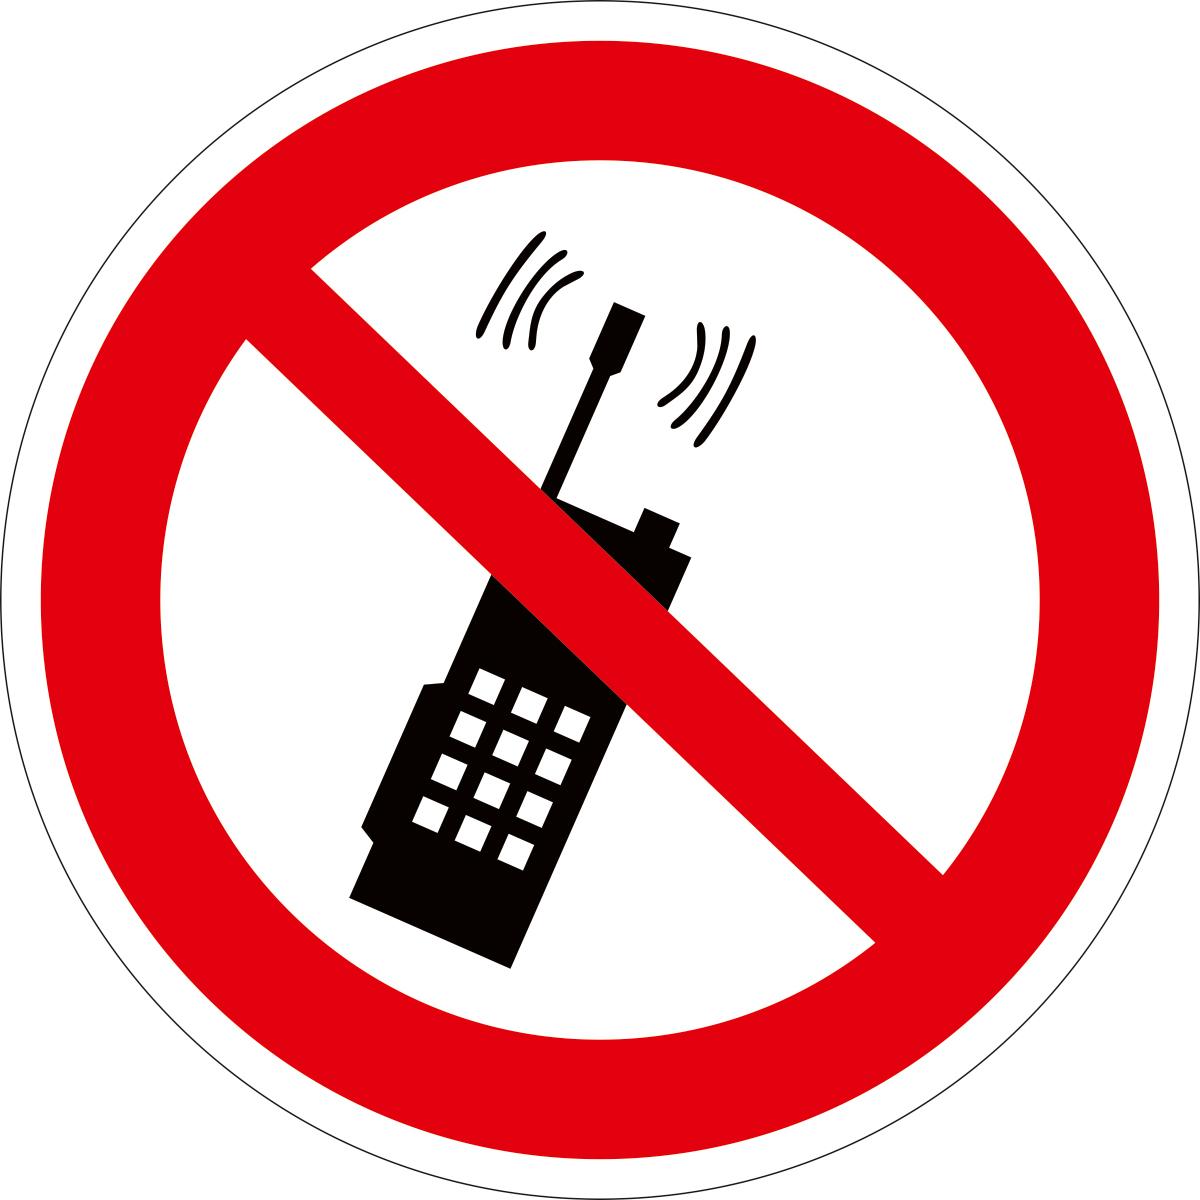 Наклейка информационная Оранжевый Слоник Запрещается пользоваться мобильным телефоном, 15 х 15 см таблички информационные оранжевый слоник наклейка информационная место для мусора 2 шт